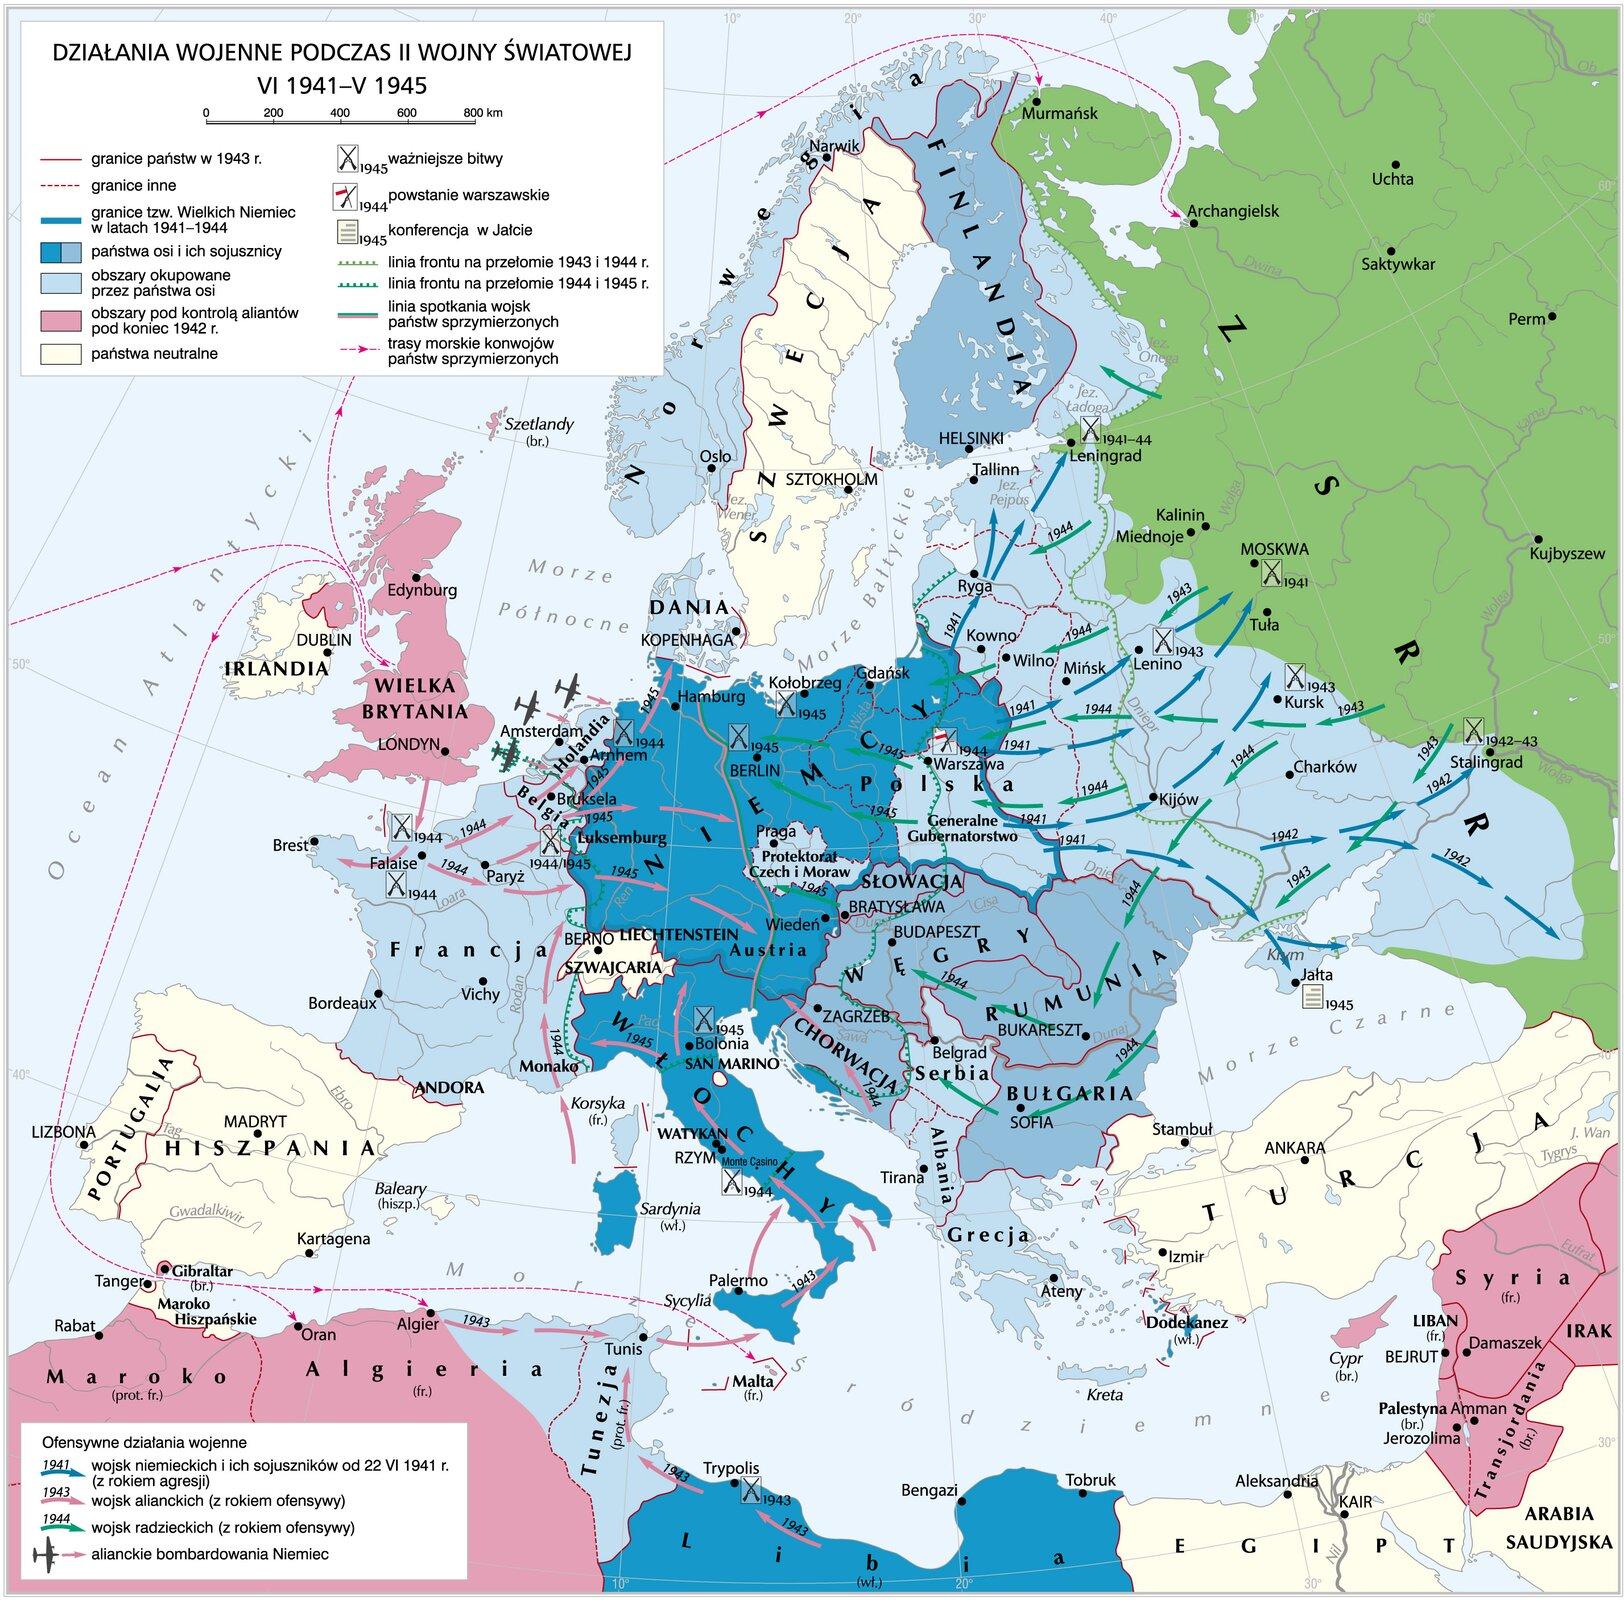 Mapa przebiegu II wojny światowej na świecie Źródło: Krystian Chariza izespół, licencja: CC BY 4.0.